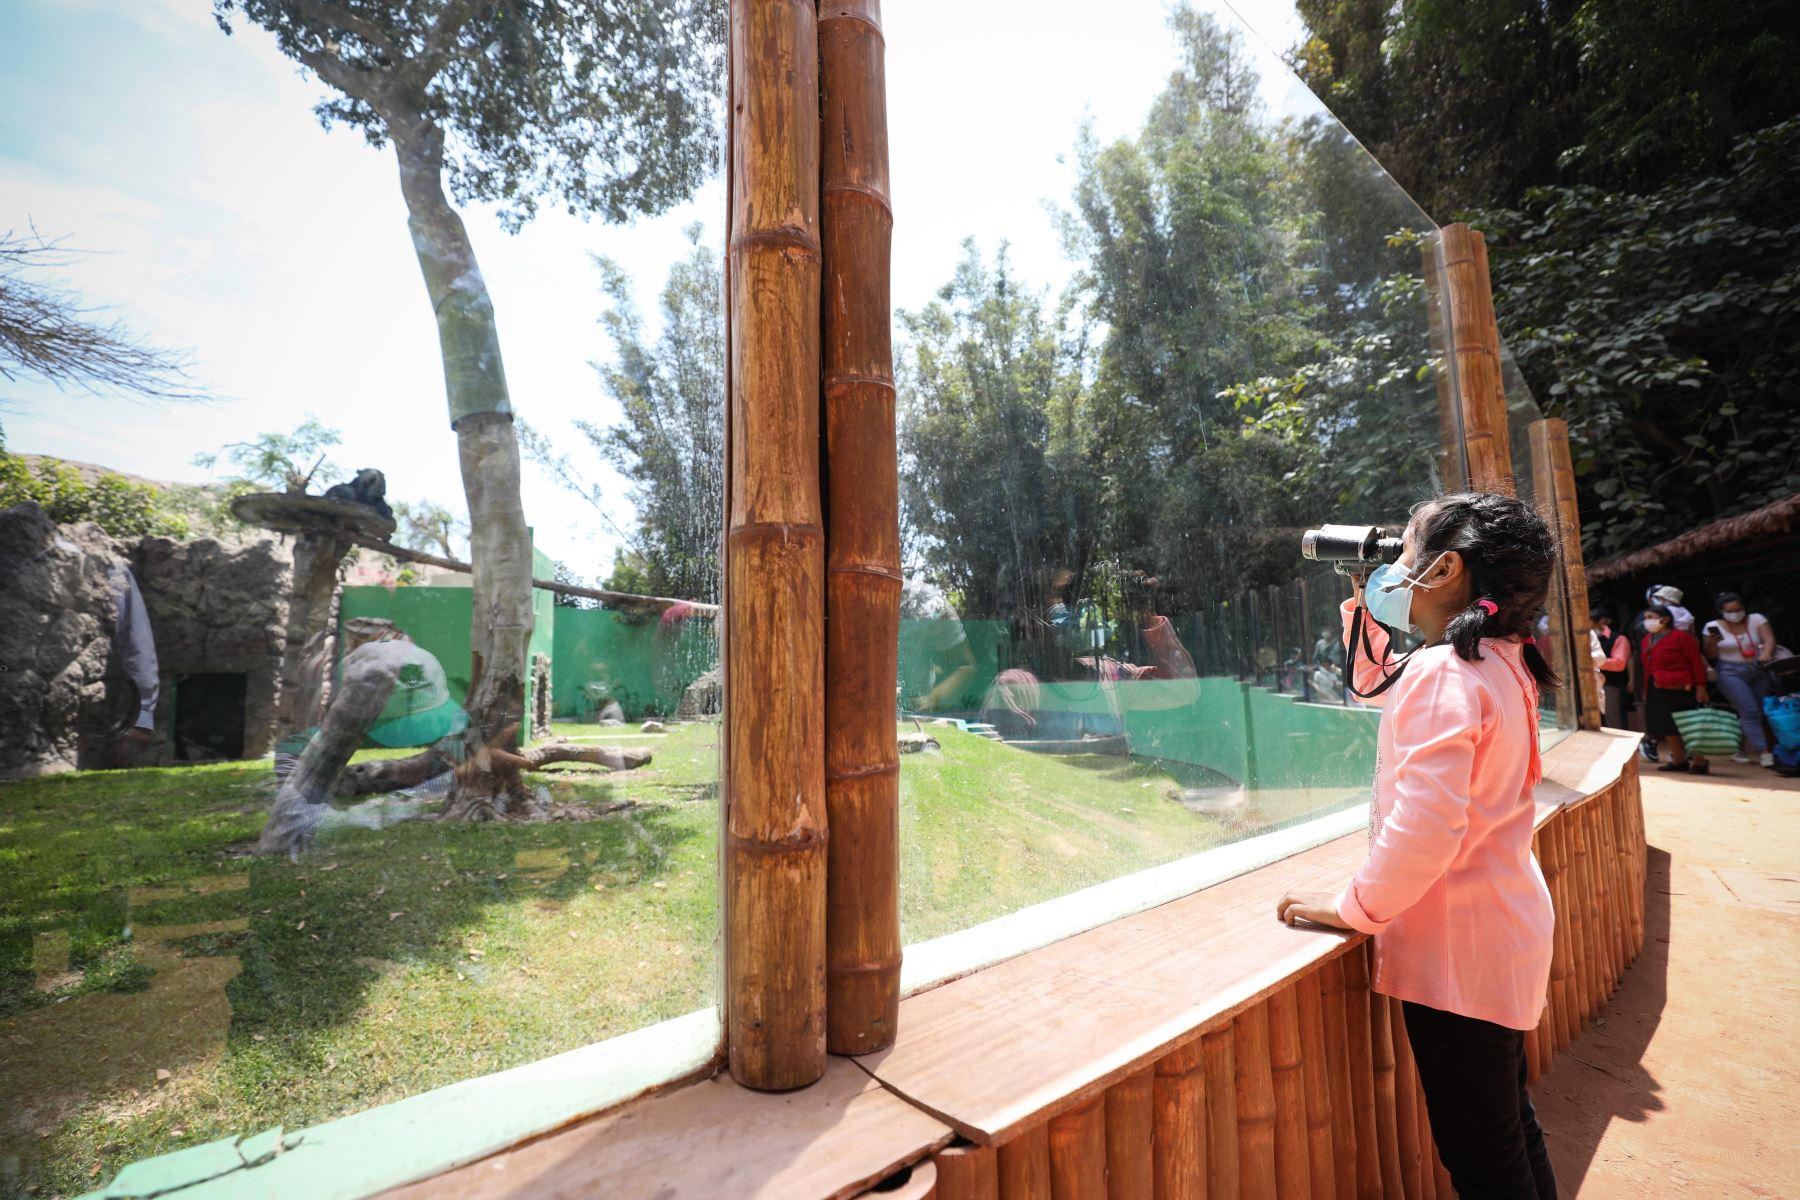 Tras varios meses de restricciones por la emergencia sanitaria decretada por el Gobierno Peruano, los niños menores de 12 años podrán disfrutar  de los espacios públicos recreativos de la Municipalidad de Lima.  Foto: Municipalidad de Lima